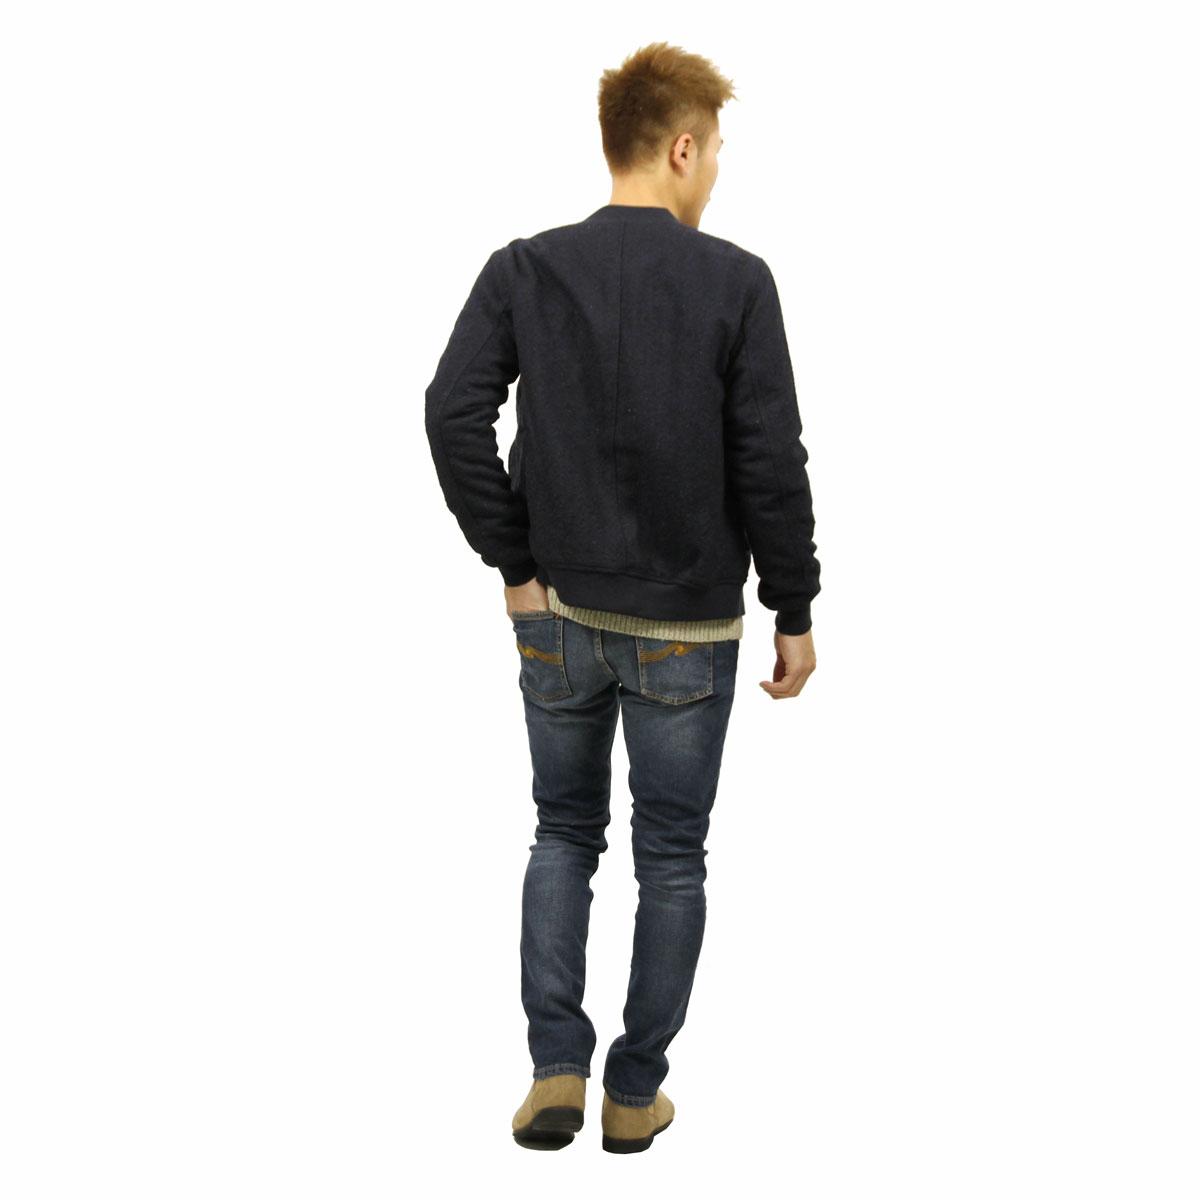 ディストレス DSTREZZED 正規販売店 メンズ ジャケット MA-1 HEAVY HERRINGBONE WOOL BOMBER JACKET 101171 49 DK. NAVY